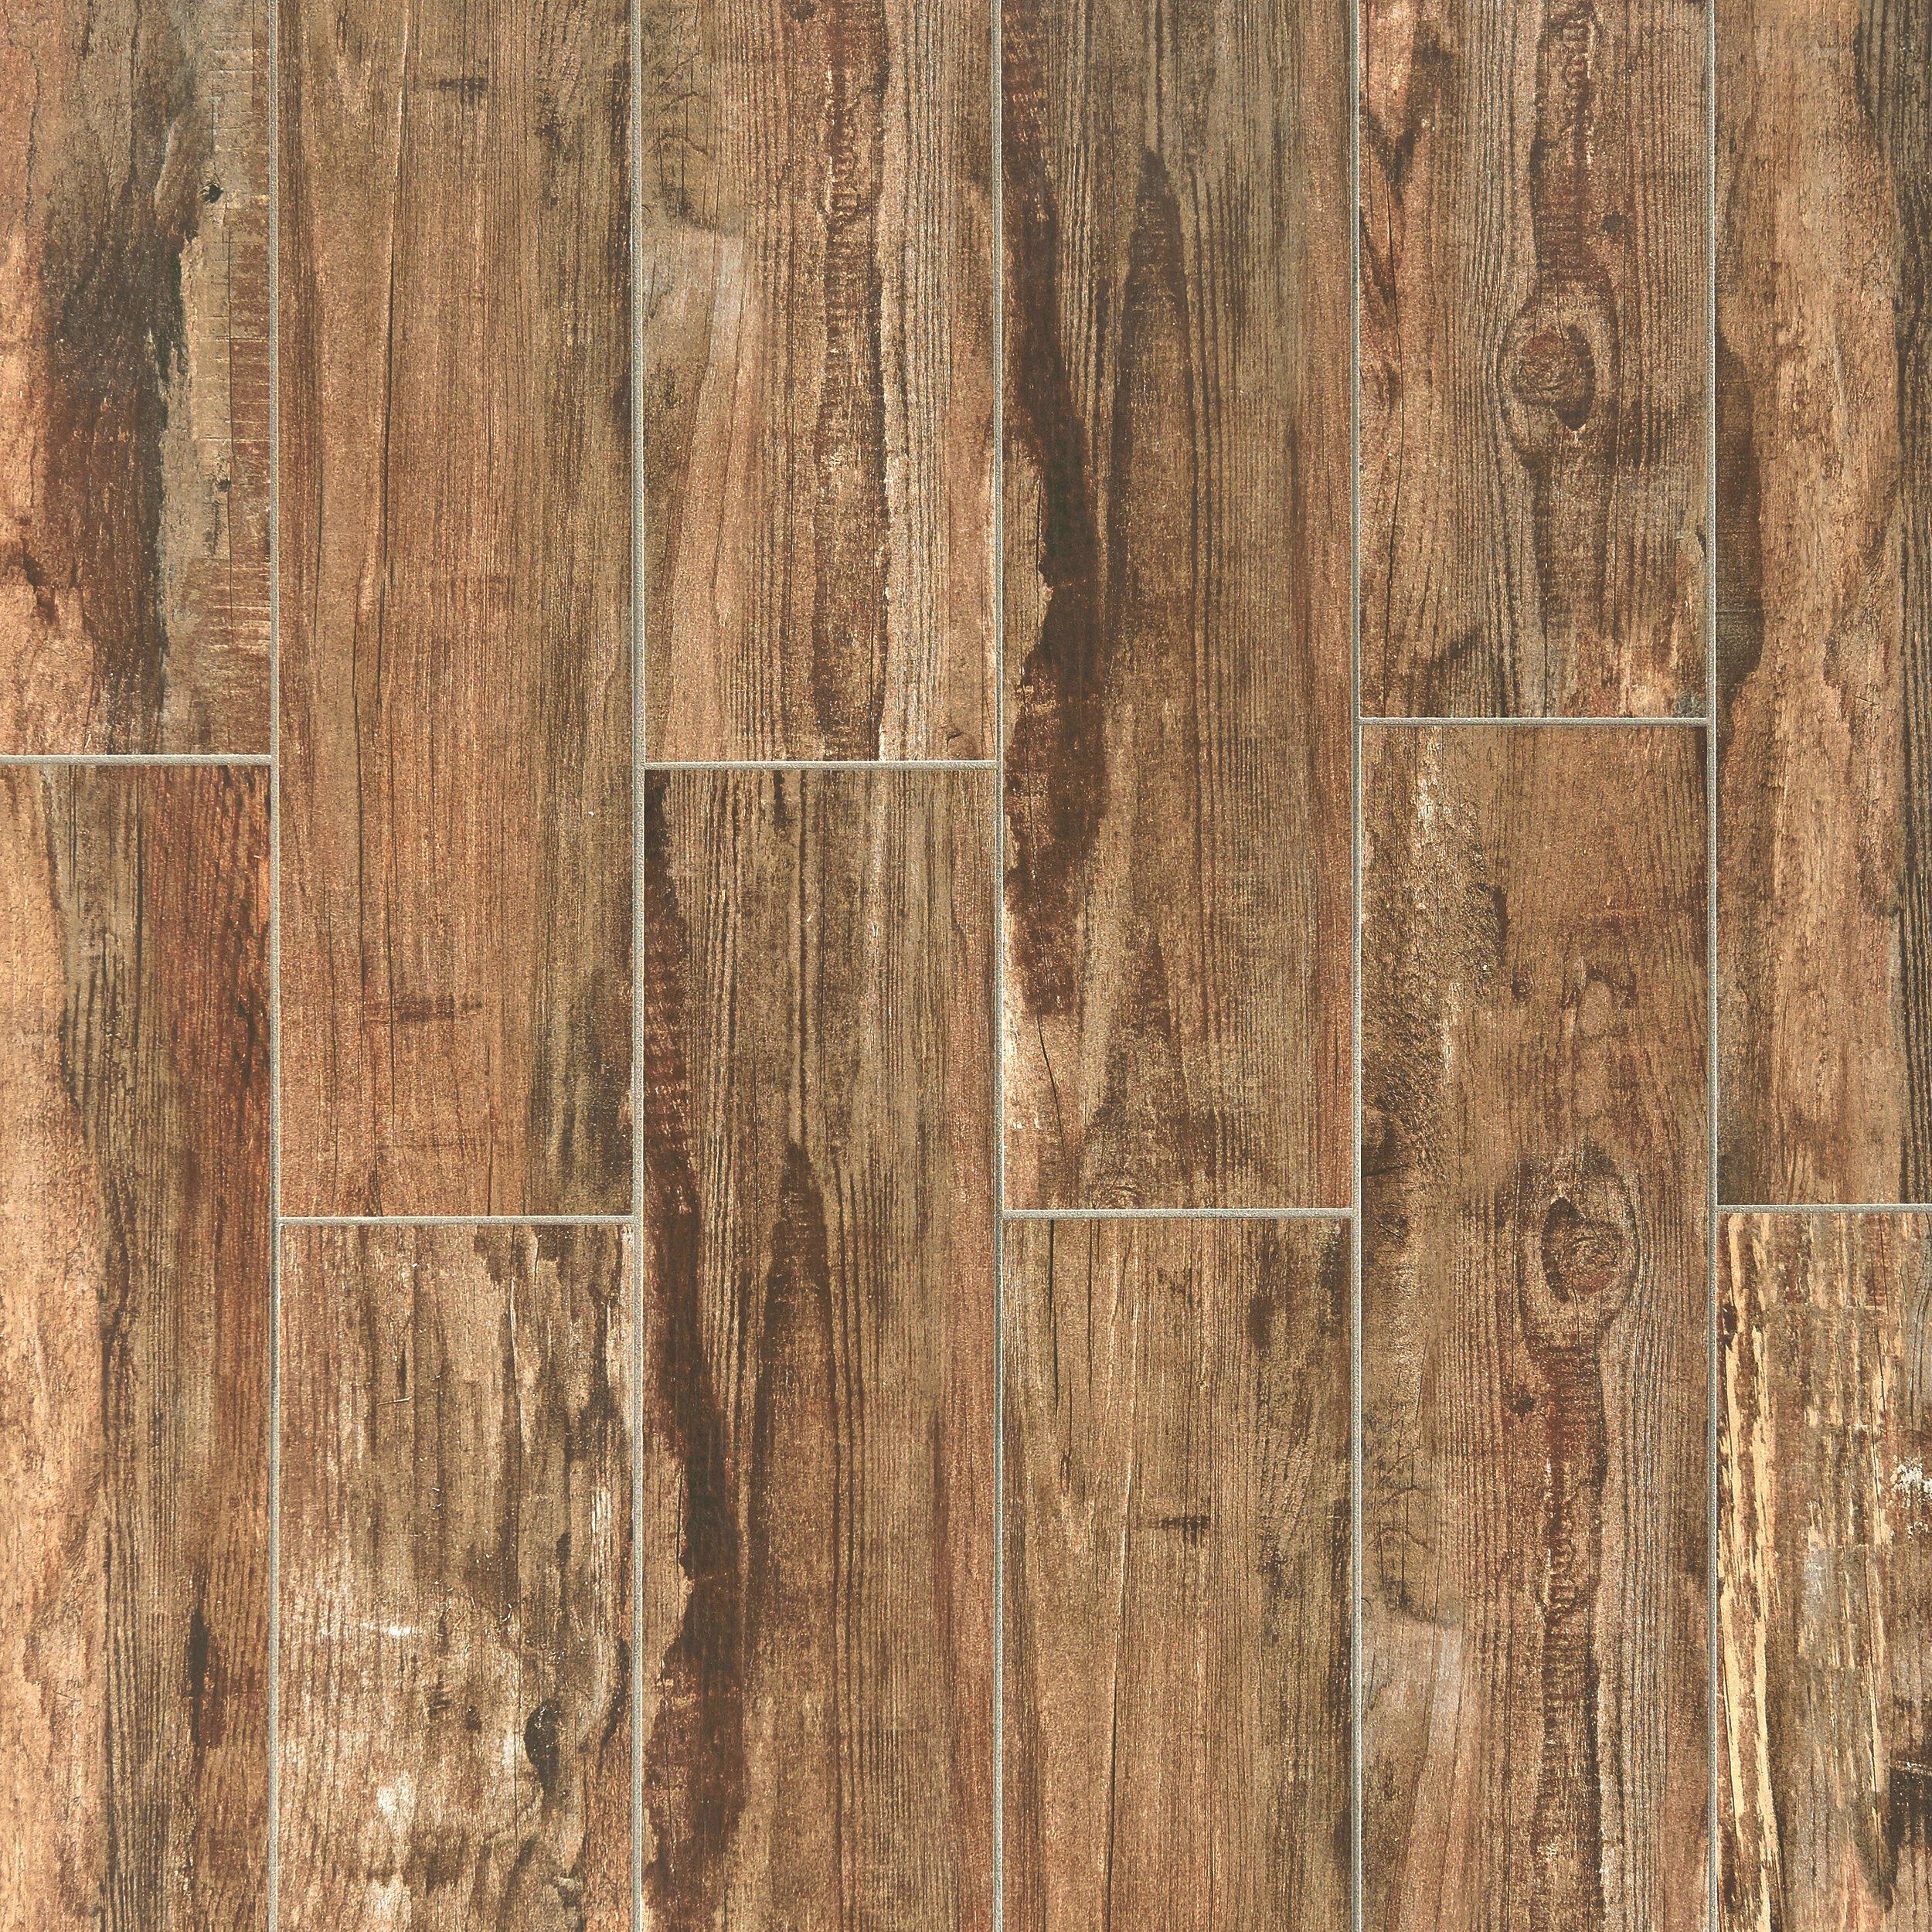 Westford Brown Wood Plank Porcelain Tile 6 x 24 100222082